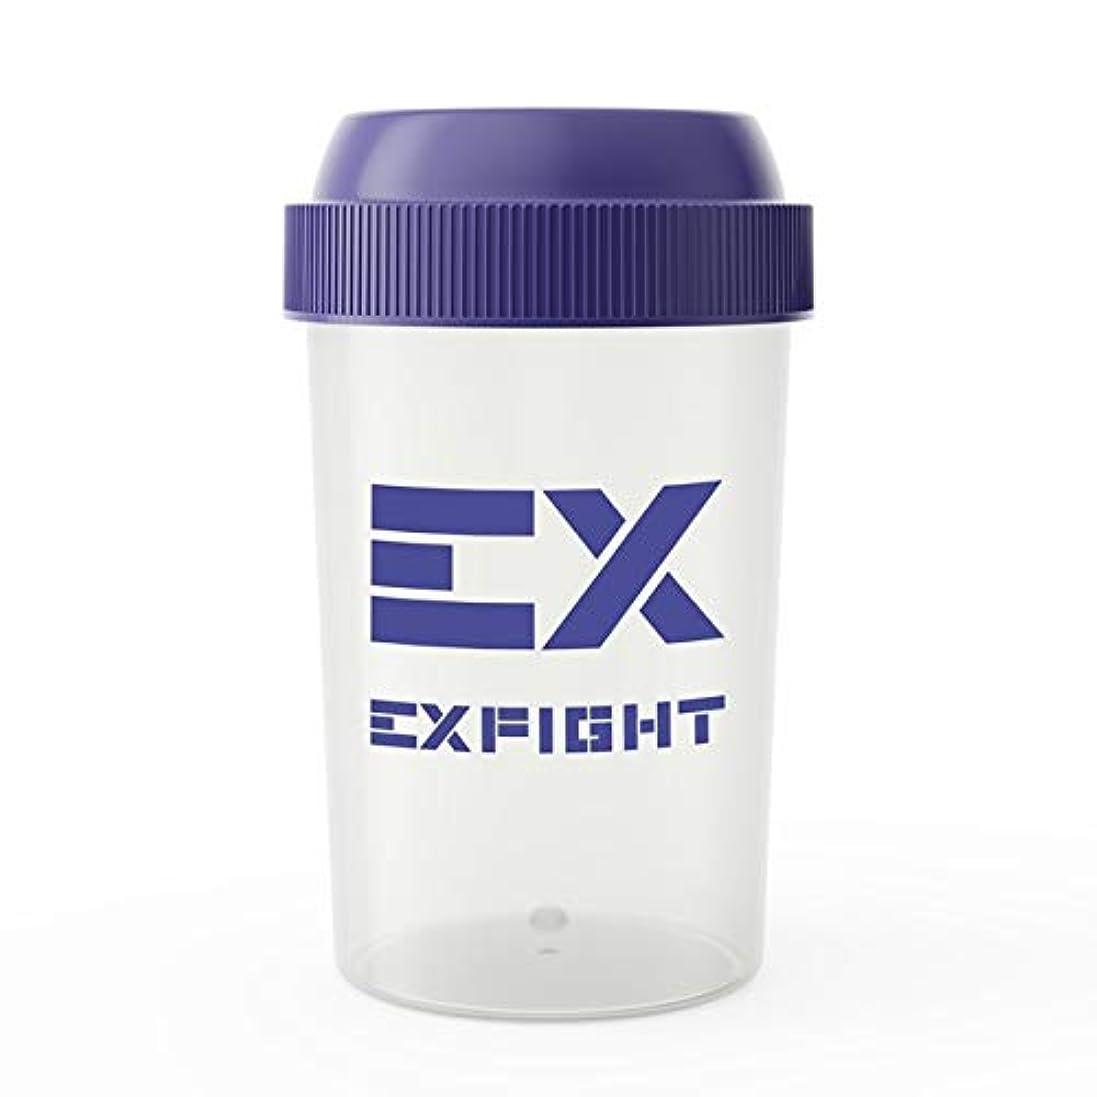 ヒロイン深遠孤独EX-SHAKER シェイカーボトル ブルー 300ml(エクスサプリ EXSUPPLI シェーカー EXILE サプリ)